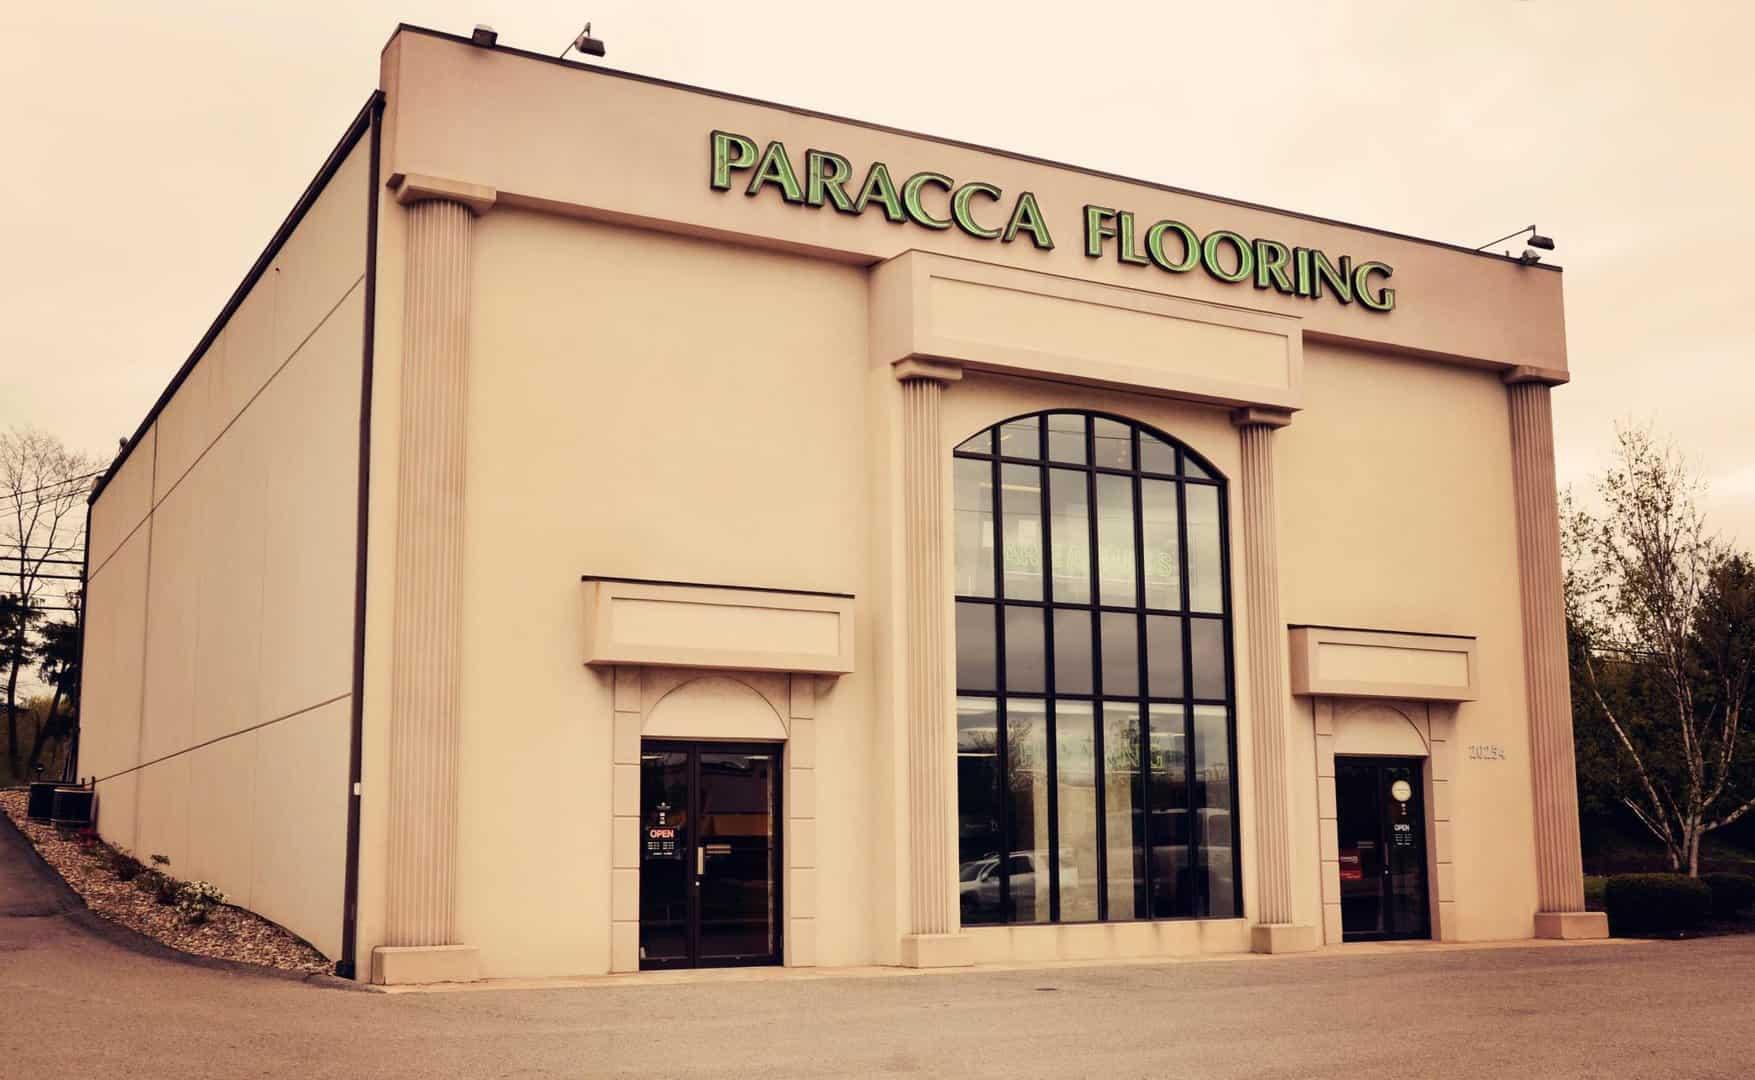 Paracca Flooring Store